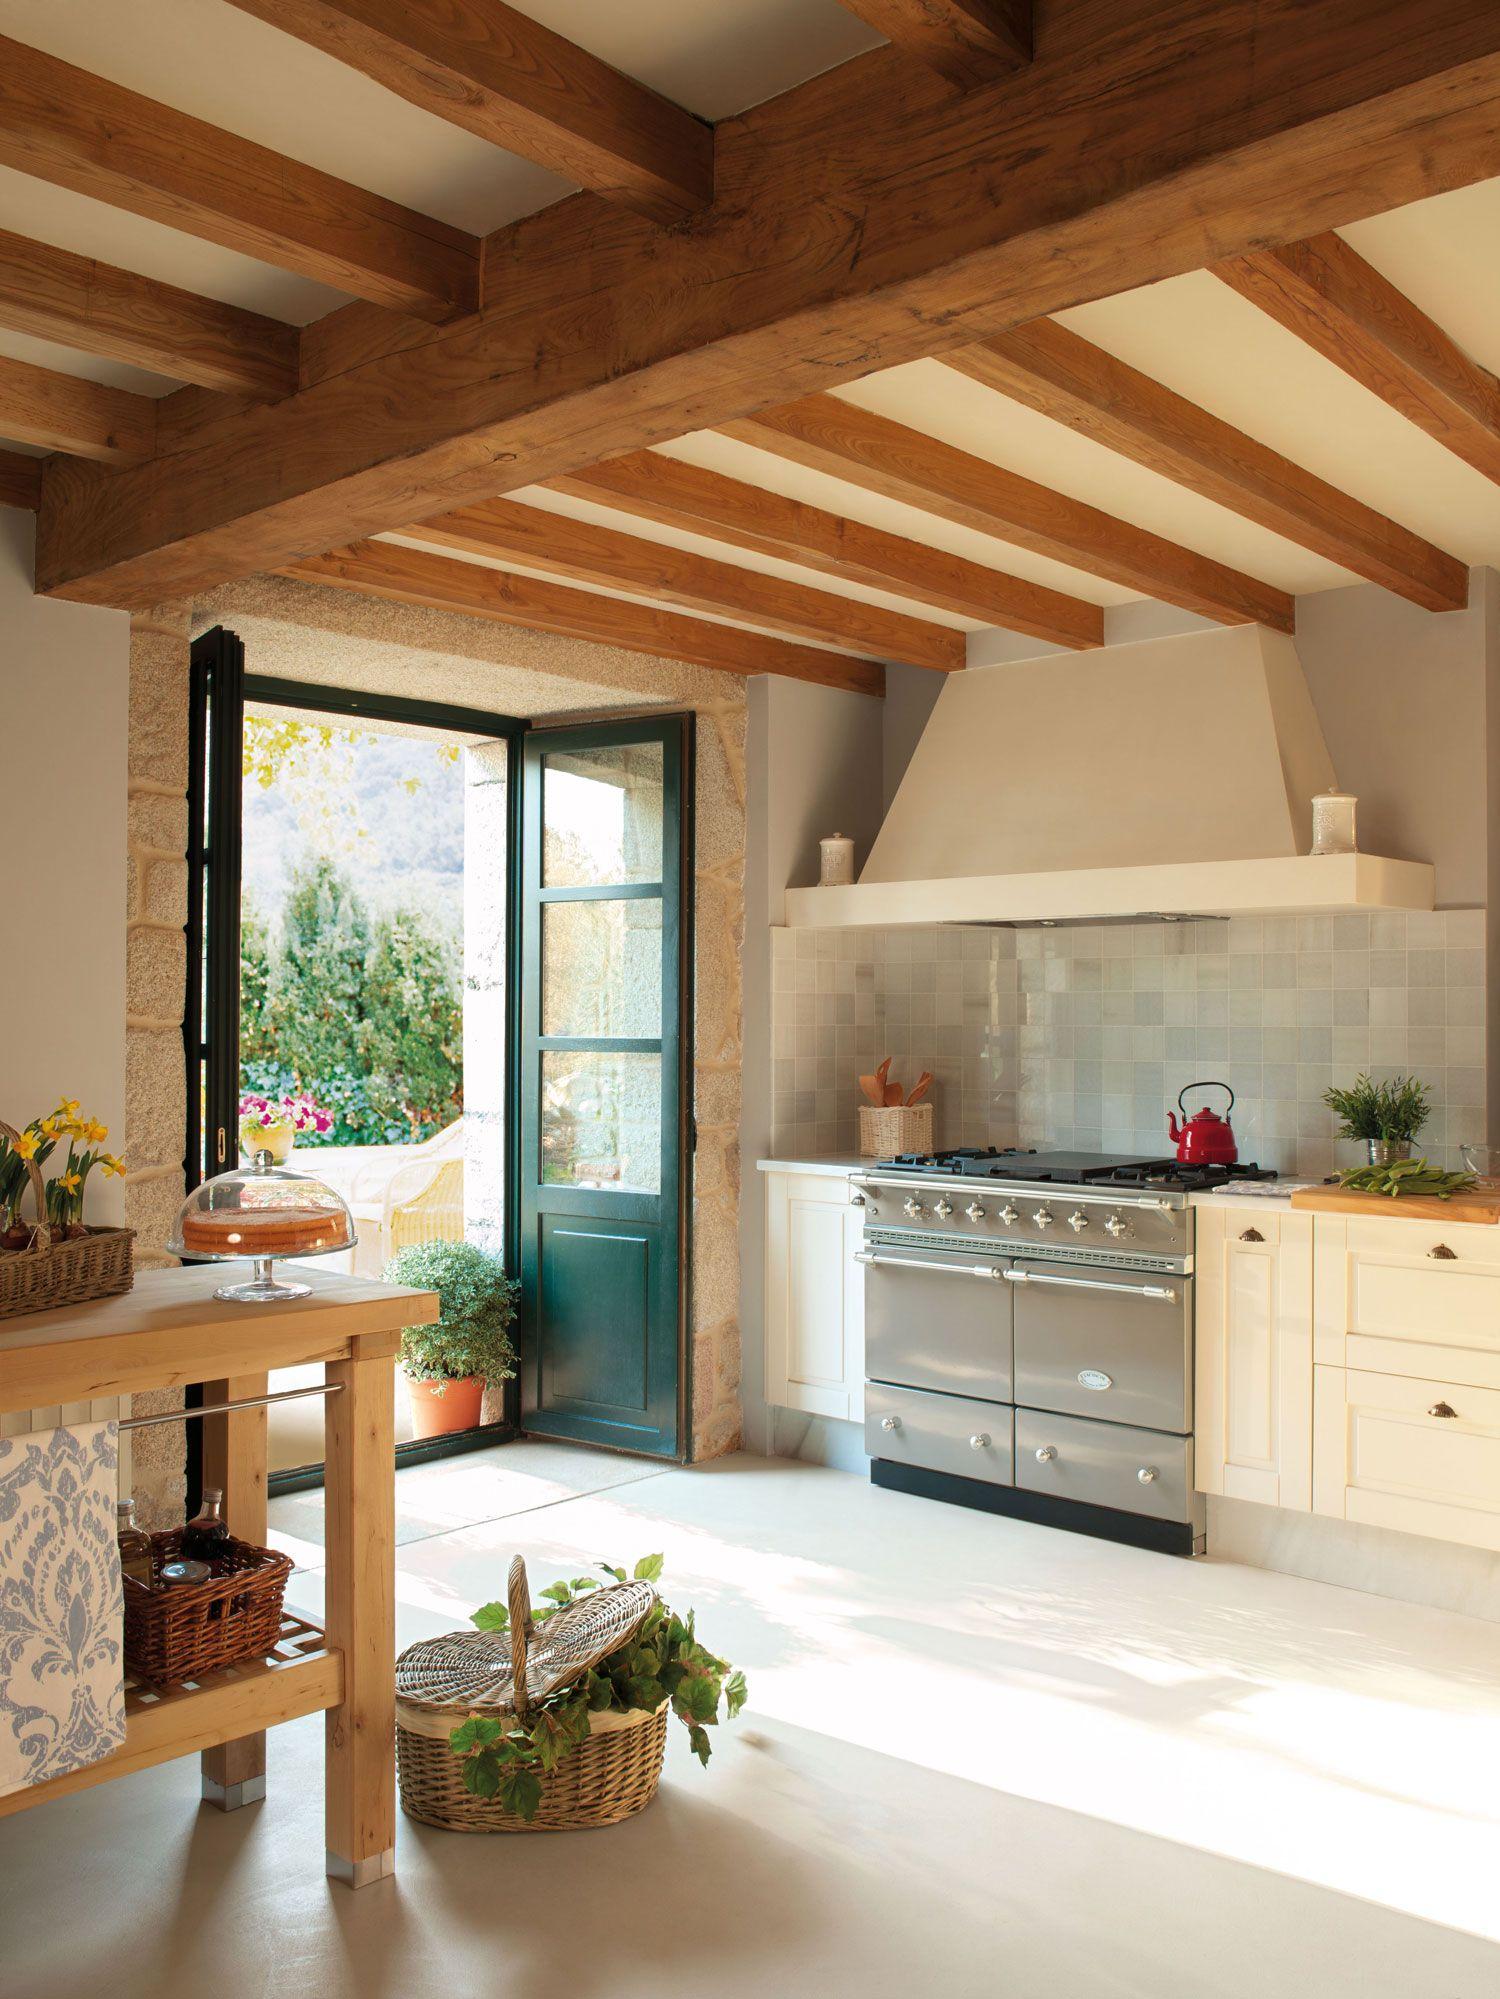 Rustica Y Luminosa Cocina Con Puertas Al Jardin 00315225 Rustico - Decoracin-casas-rusticas